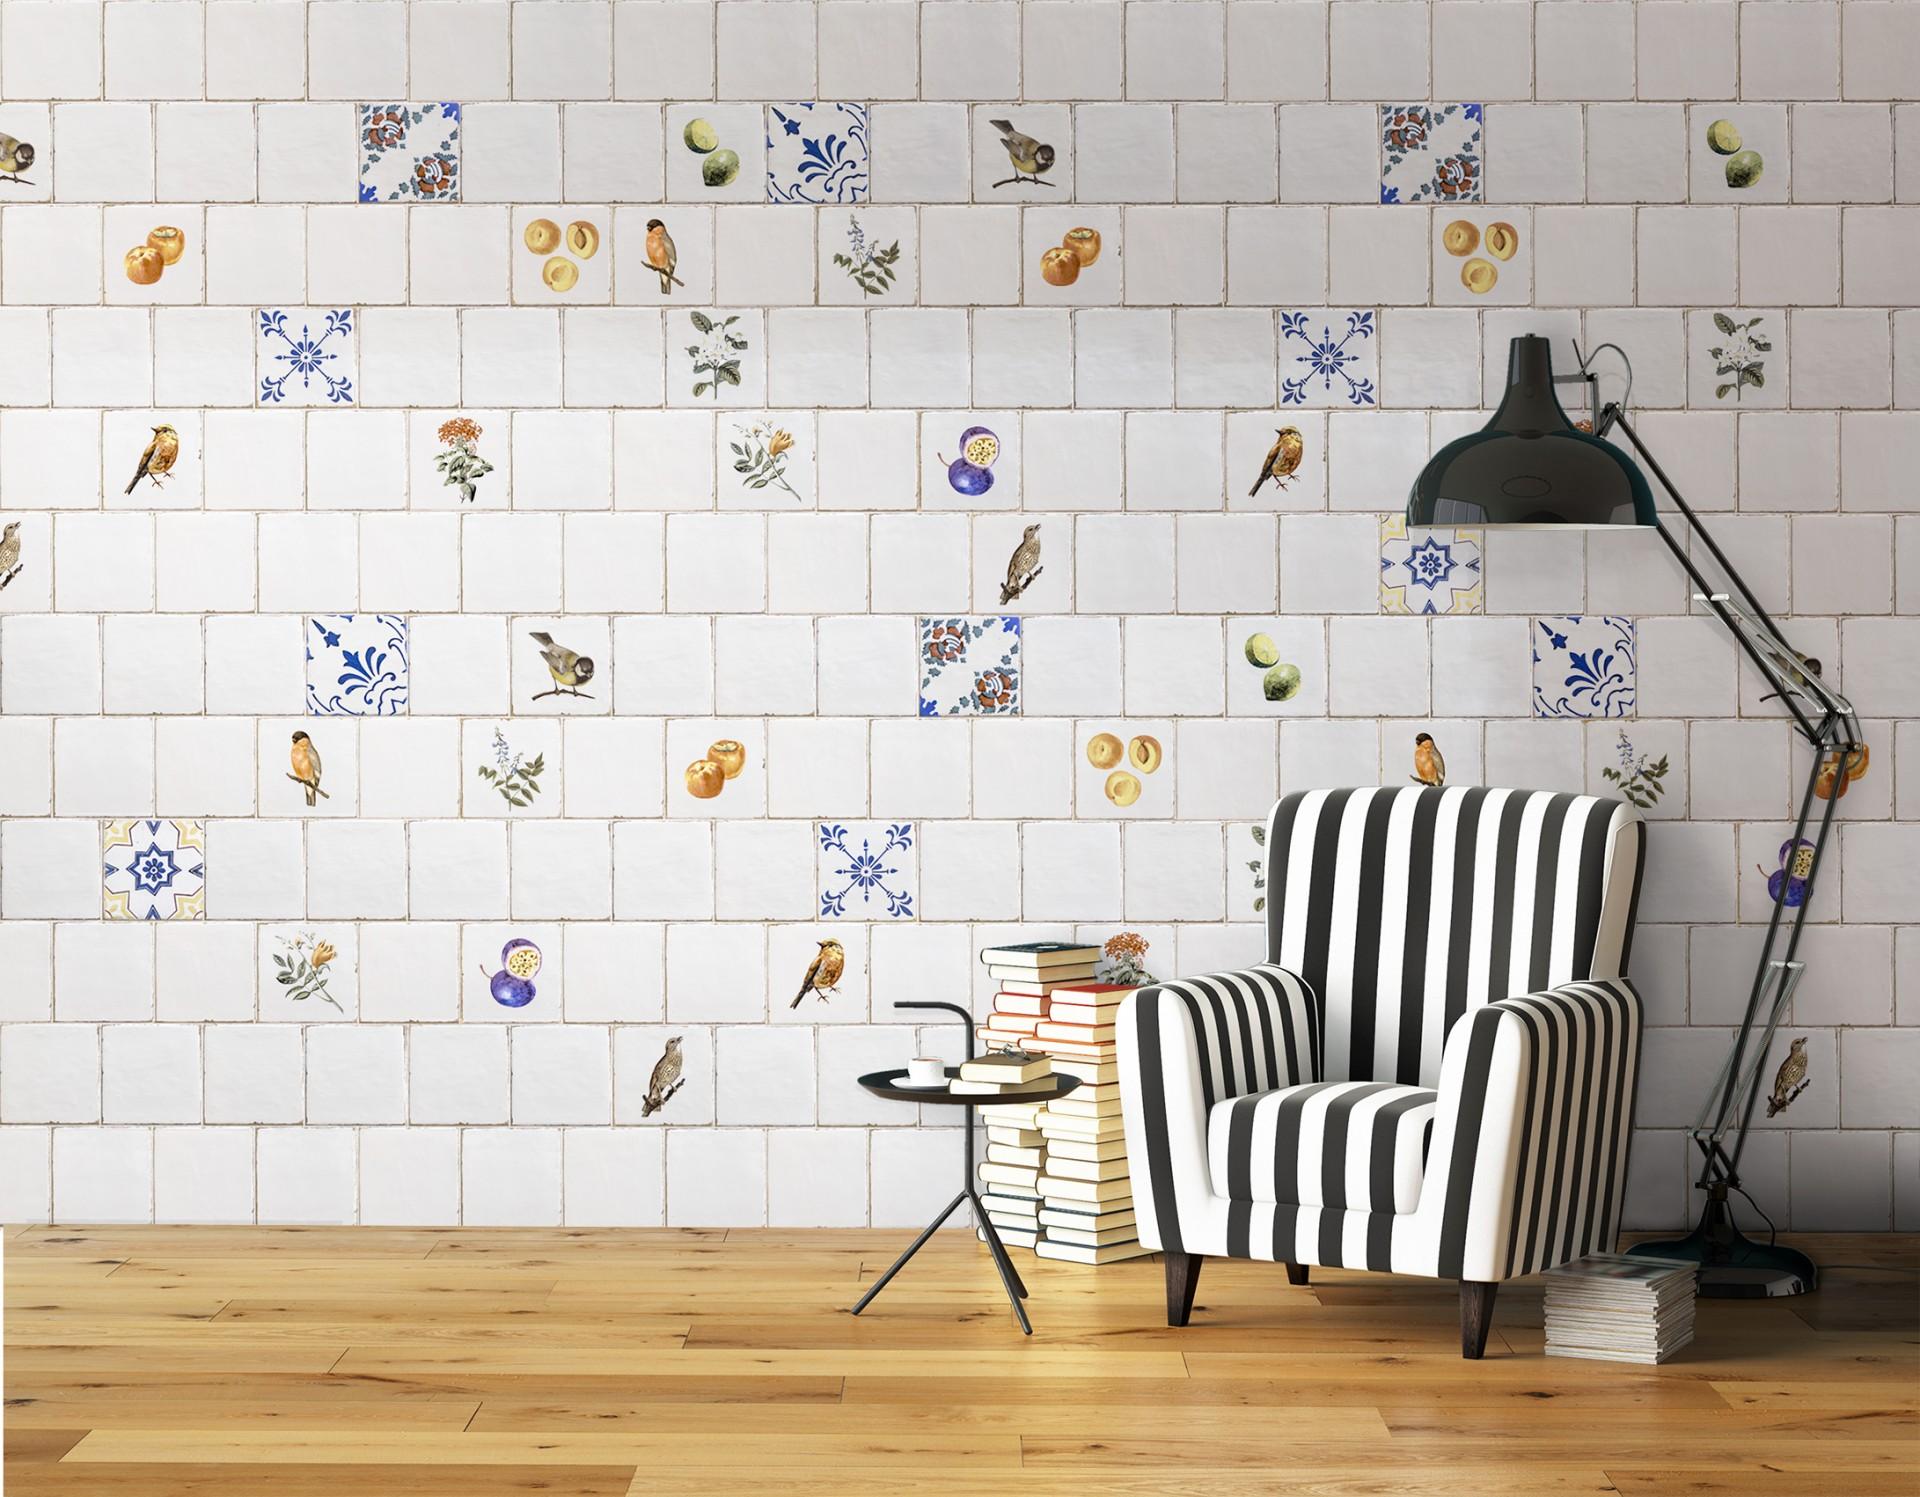 fabresa-forli-obklady-dekory-ptacci-ruzne-retro-do-kuchyne-10